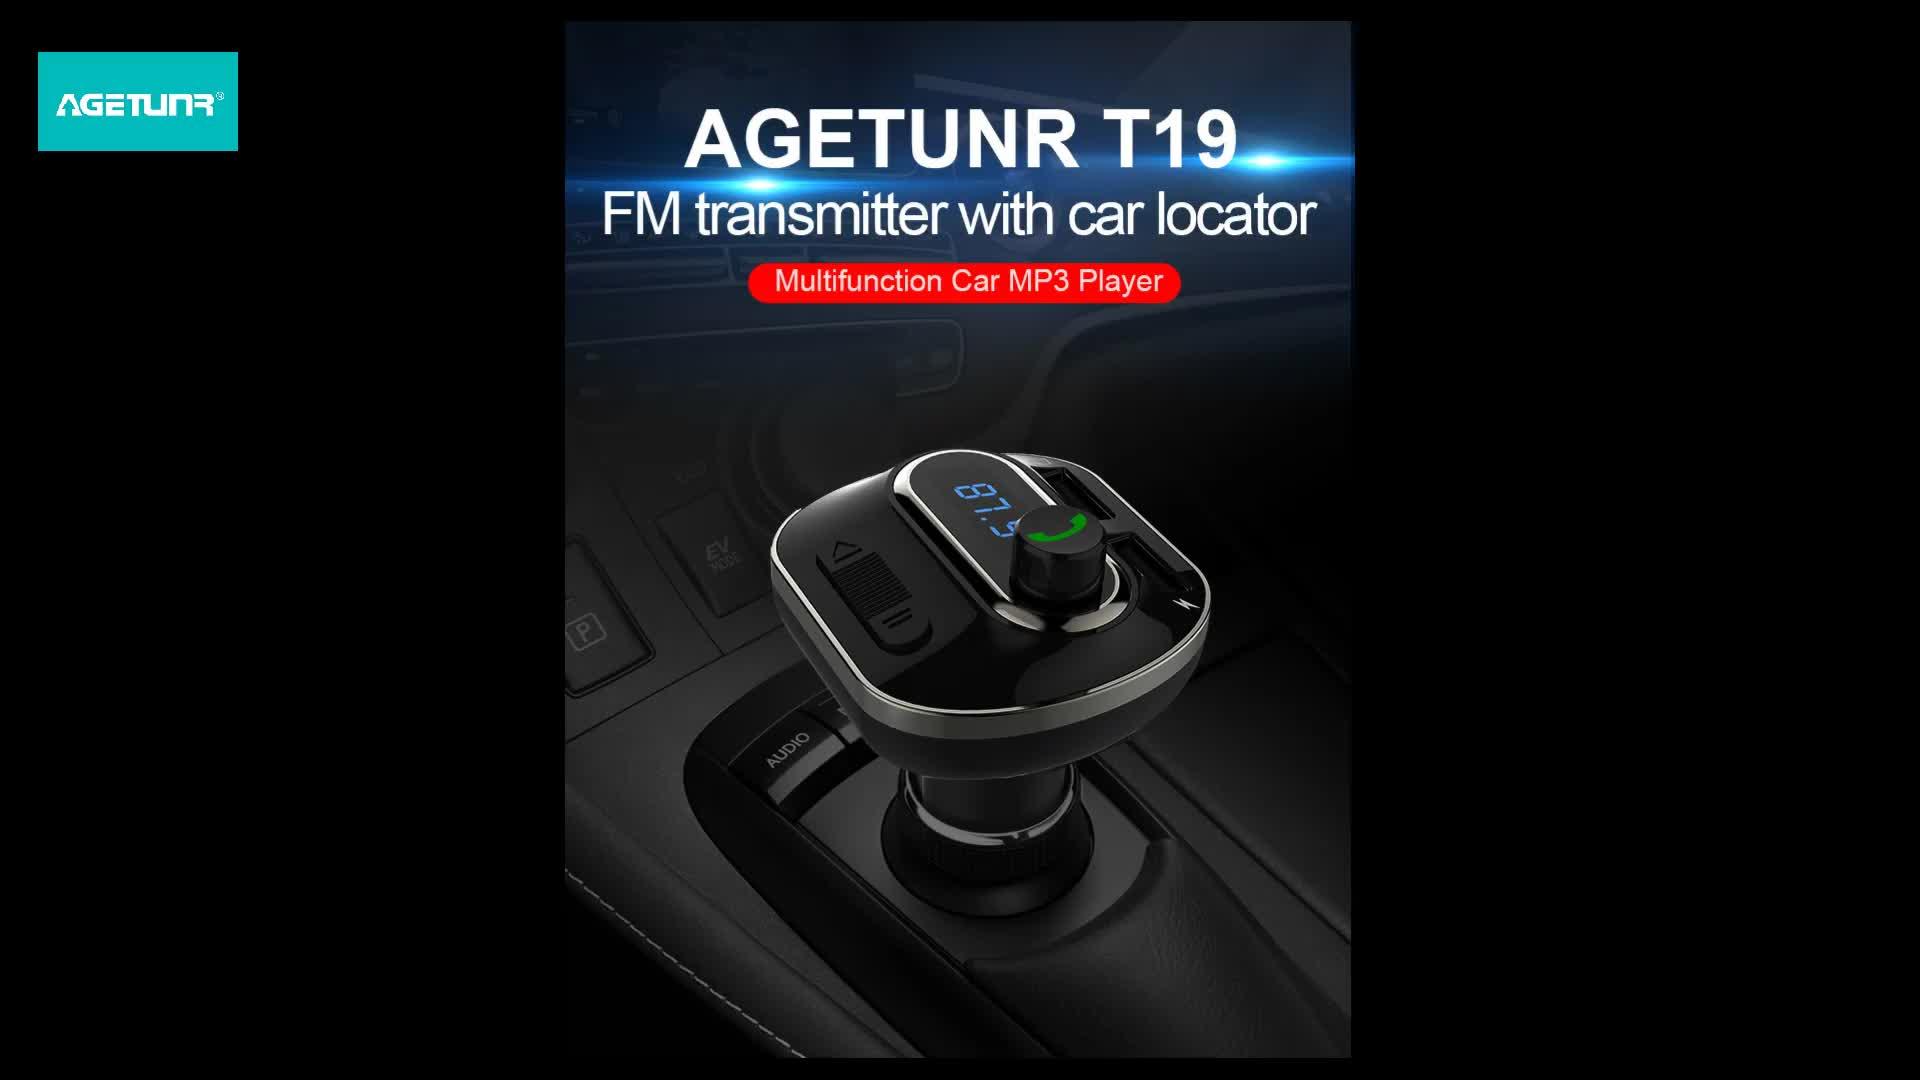 AGETUNR T19 Bluetooth 4.2 định vị xe ứng dụng fm transmitter AUX đọc thẻ microSD/U-đĩa DC 5 v 3.4A sạc xe stereo máy nghe nhạc Màu Đen